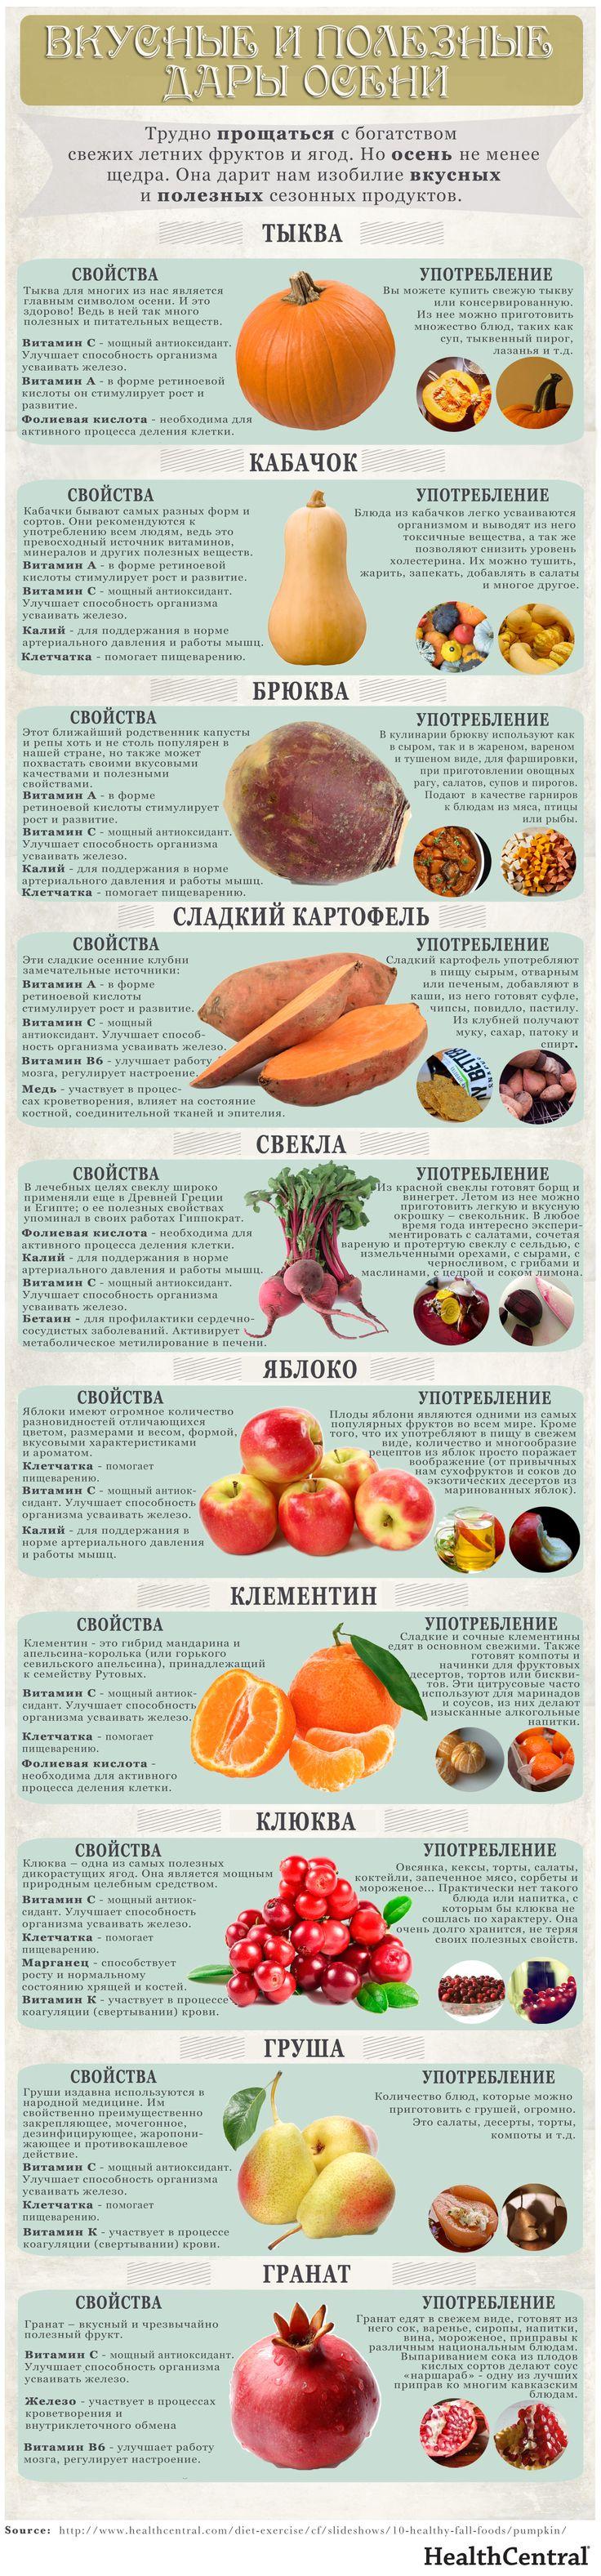 10 самых полезных осенних плодов